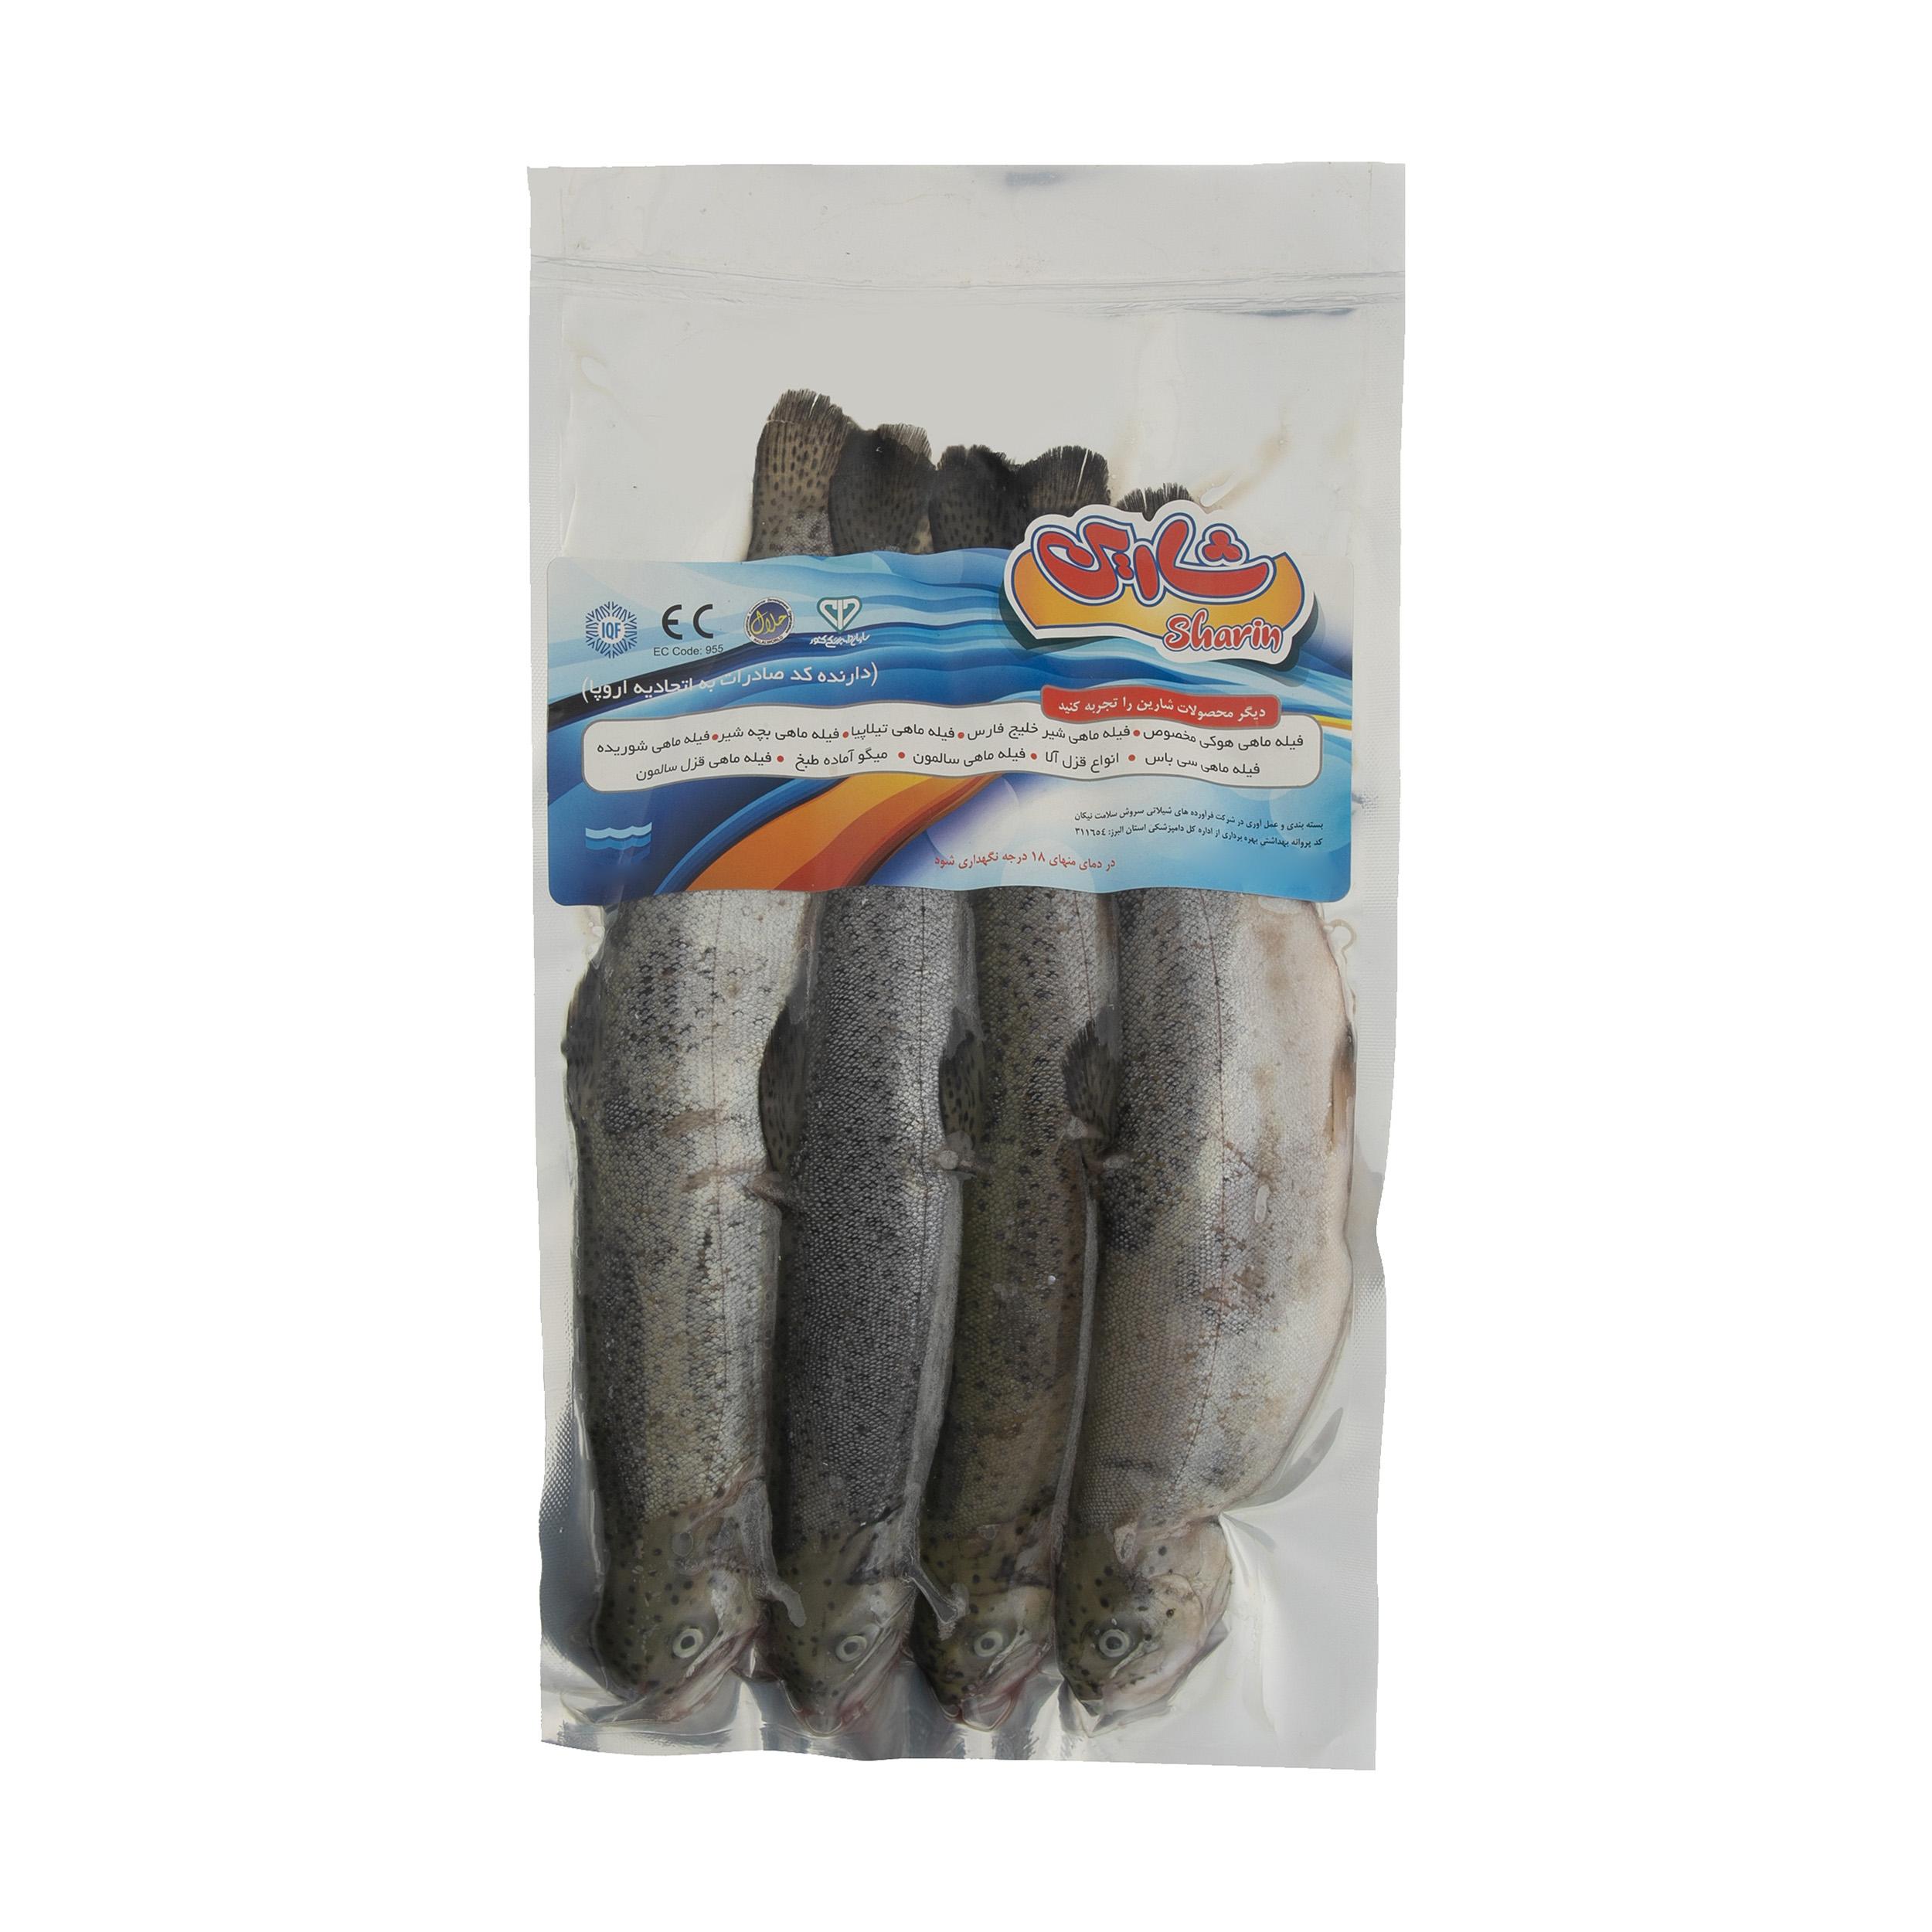 ماهی قزل آلا شکم خالی شارین وزن 1000 گرم